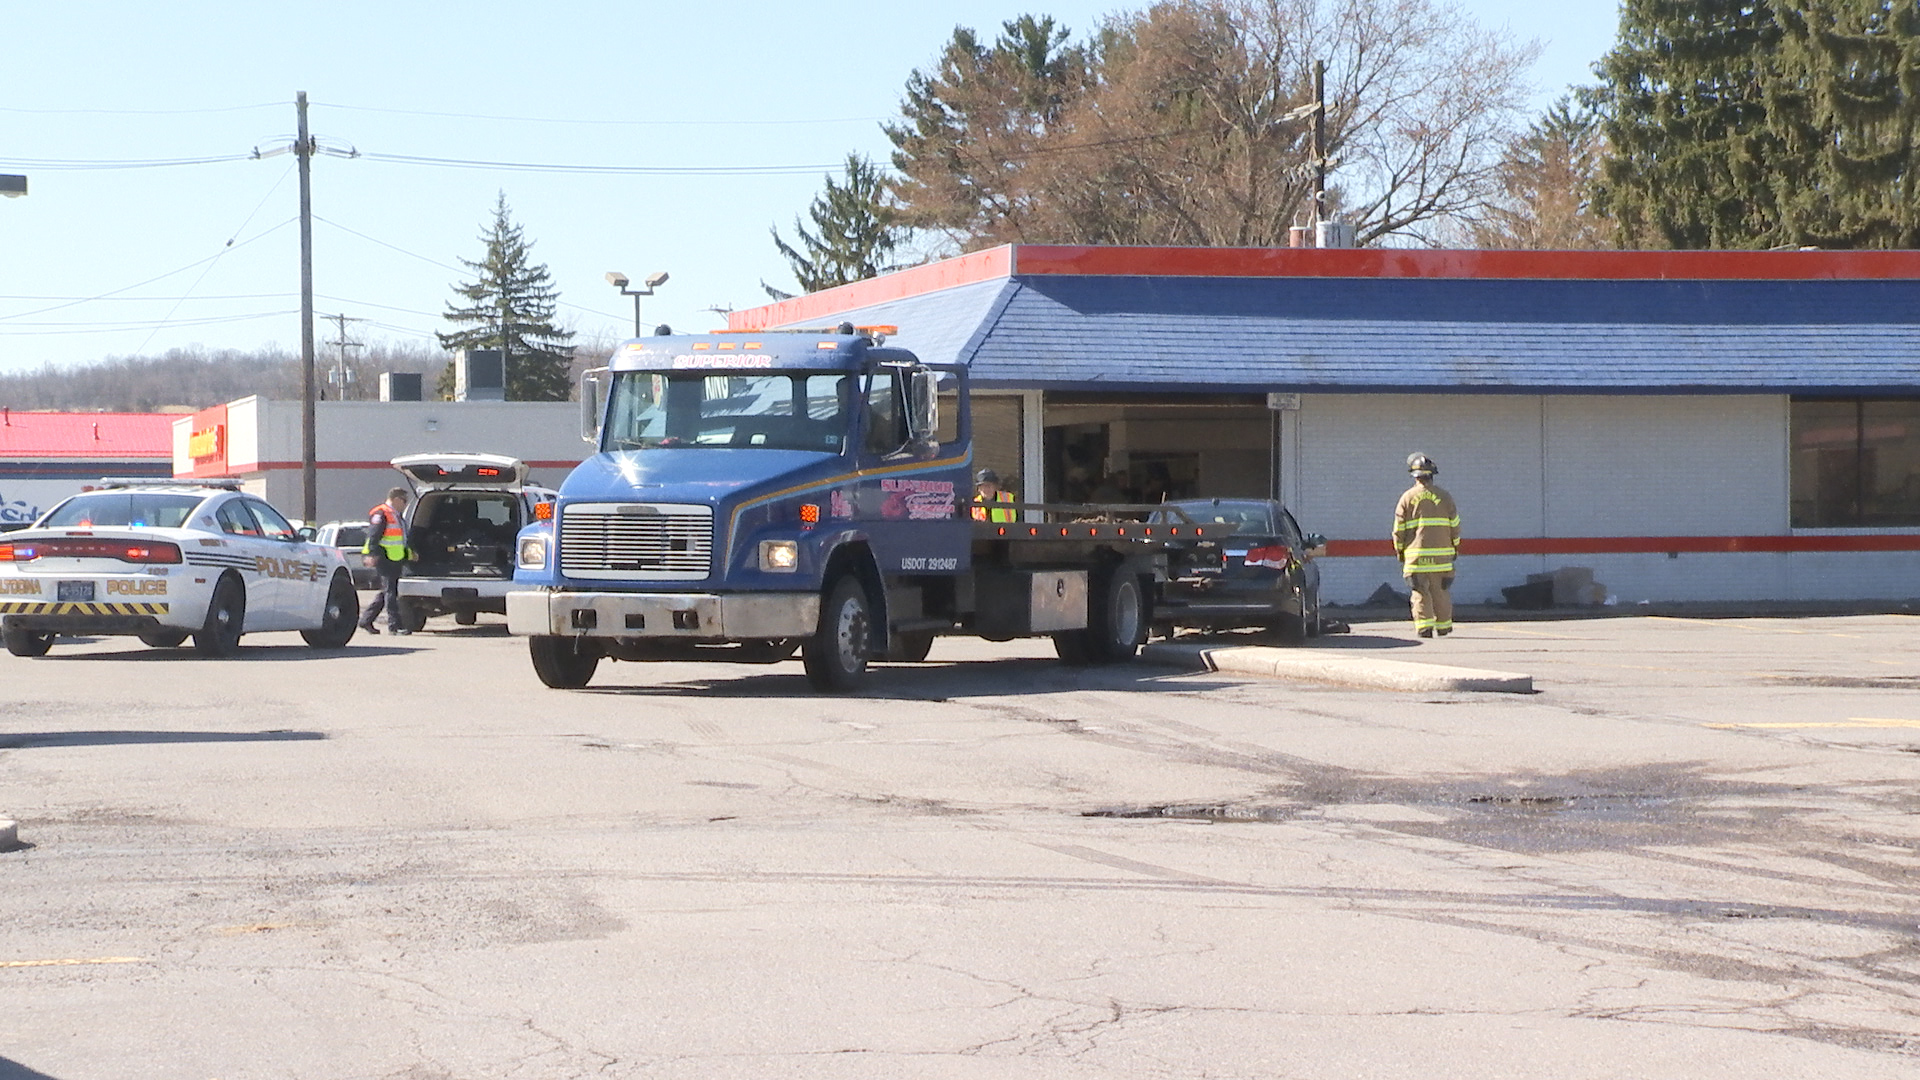 Burger King Pic for web_032619_1553618514062.jpg.jpg